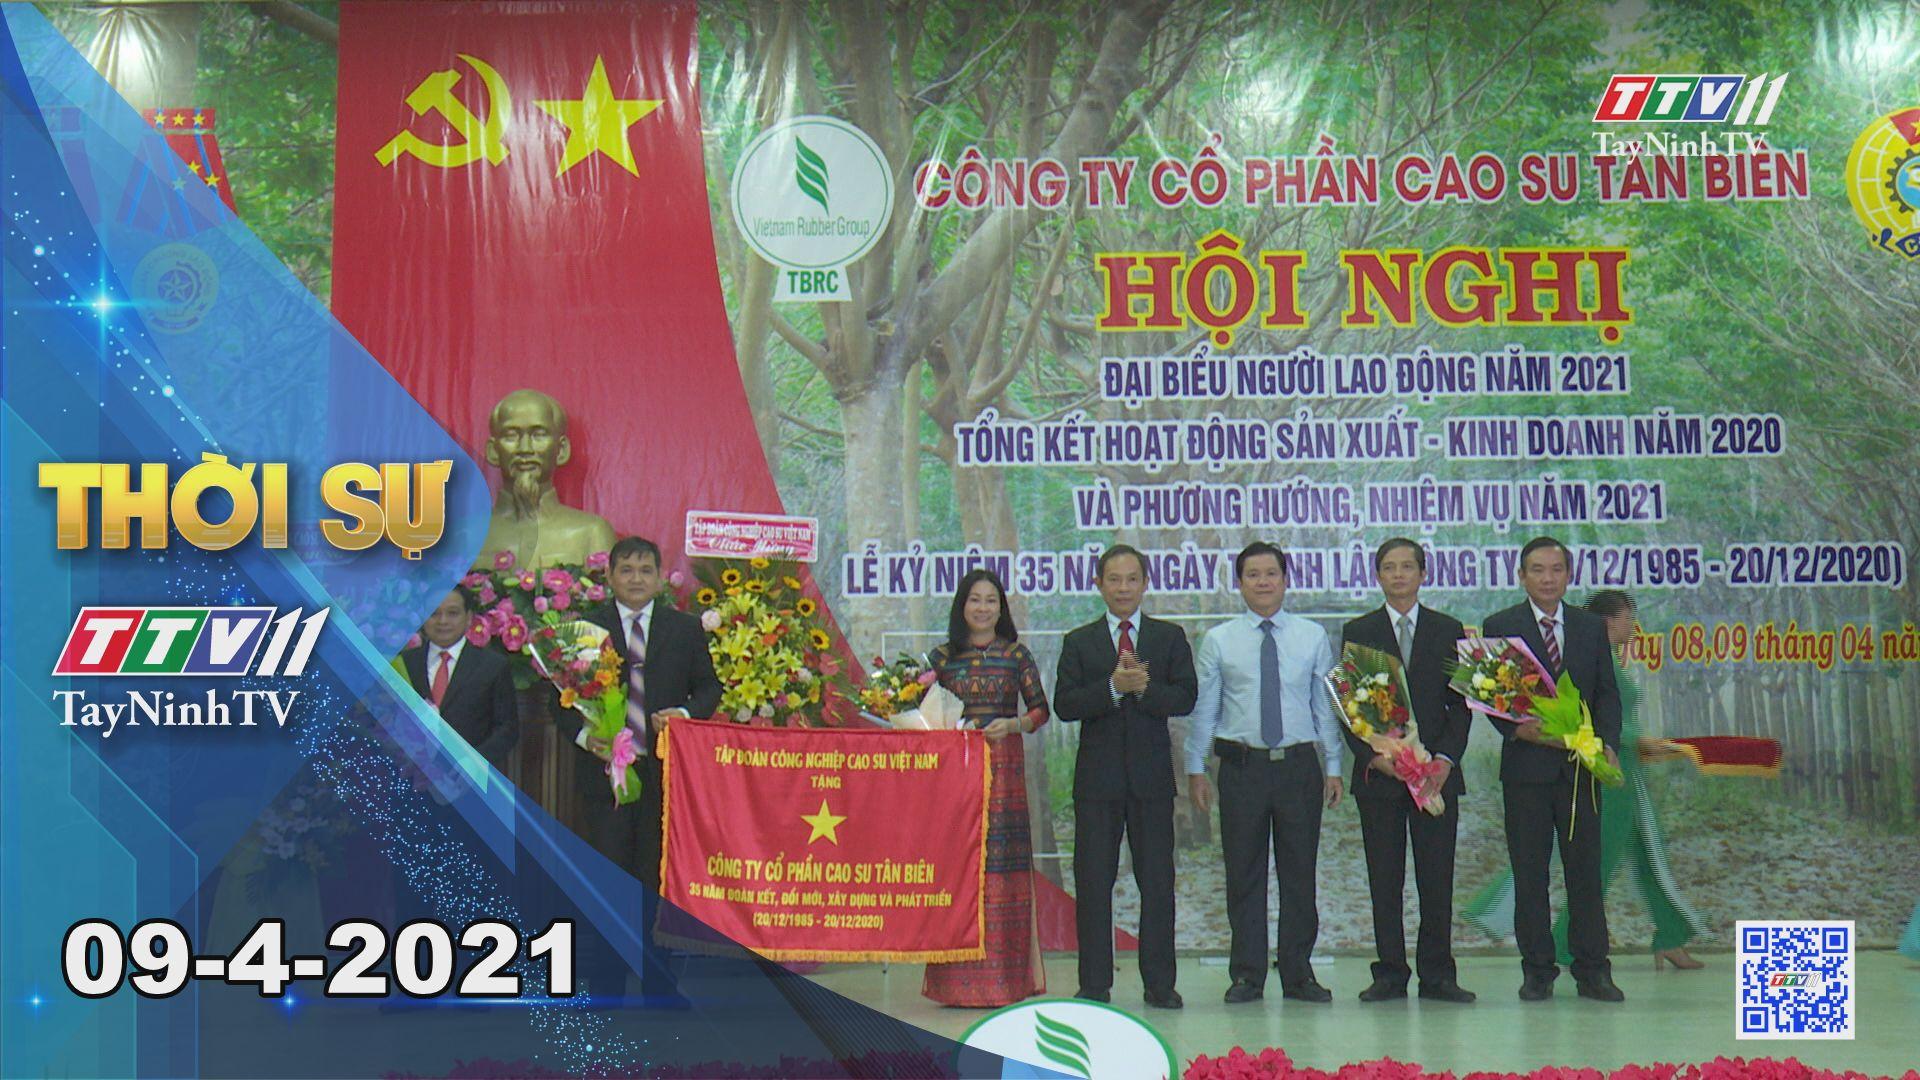 Thời sự Tây Ninh 09-4-2021 | Tin tức hôm nay | TayNinhTV